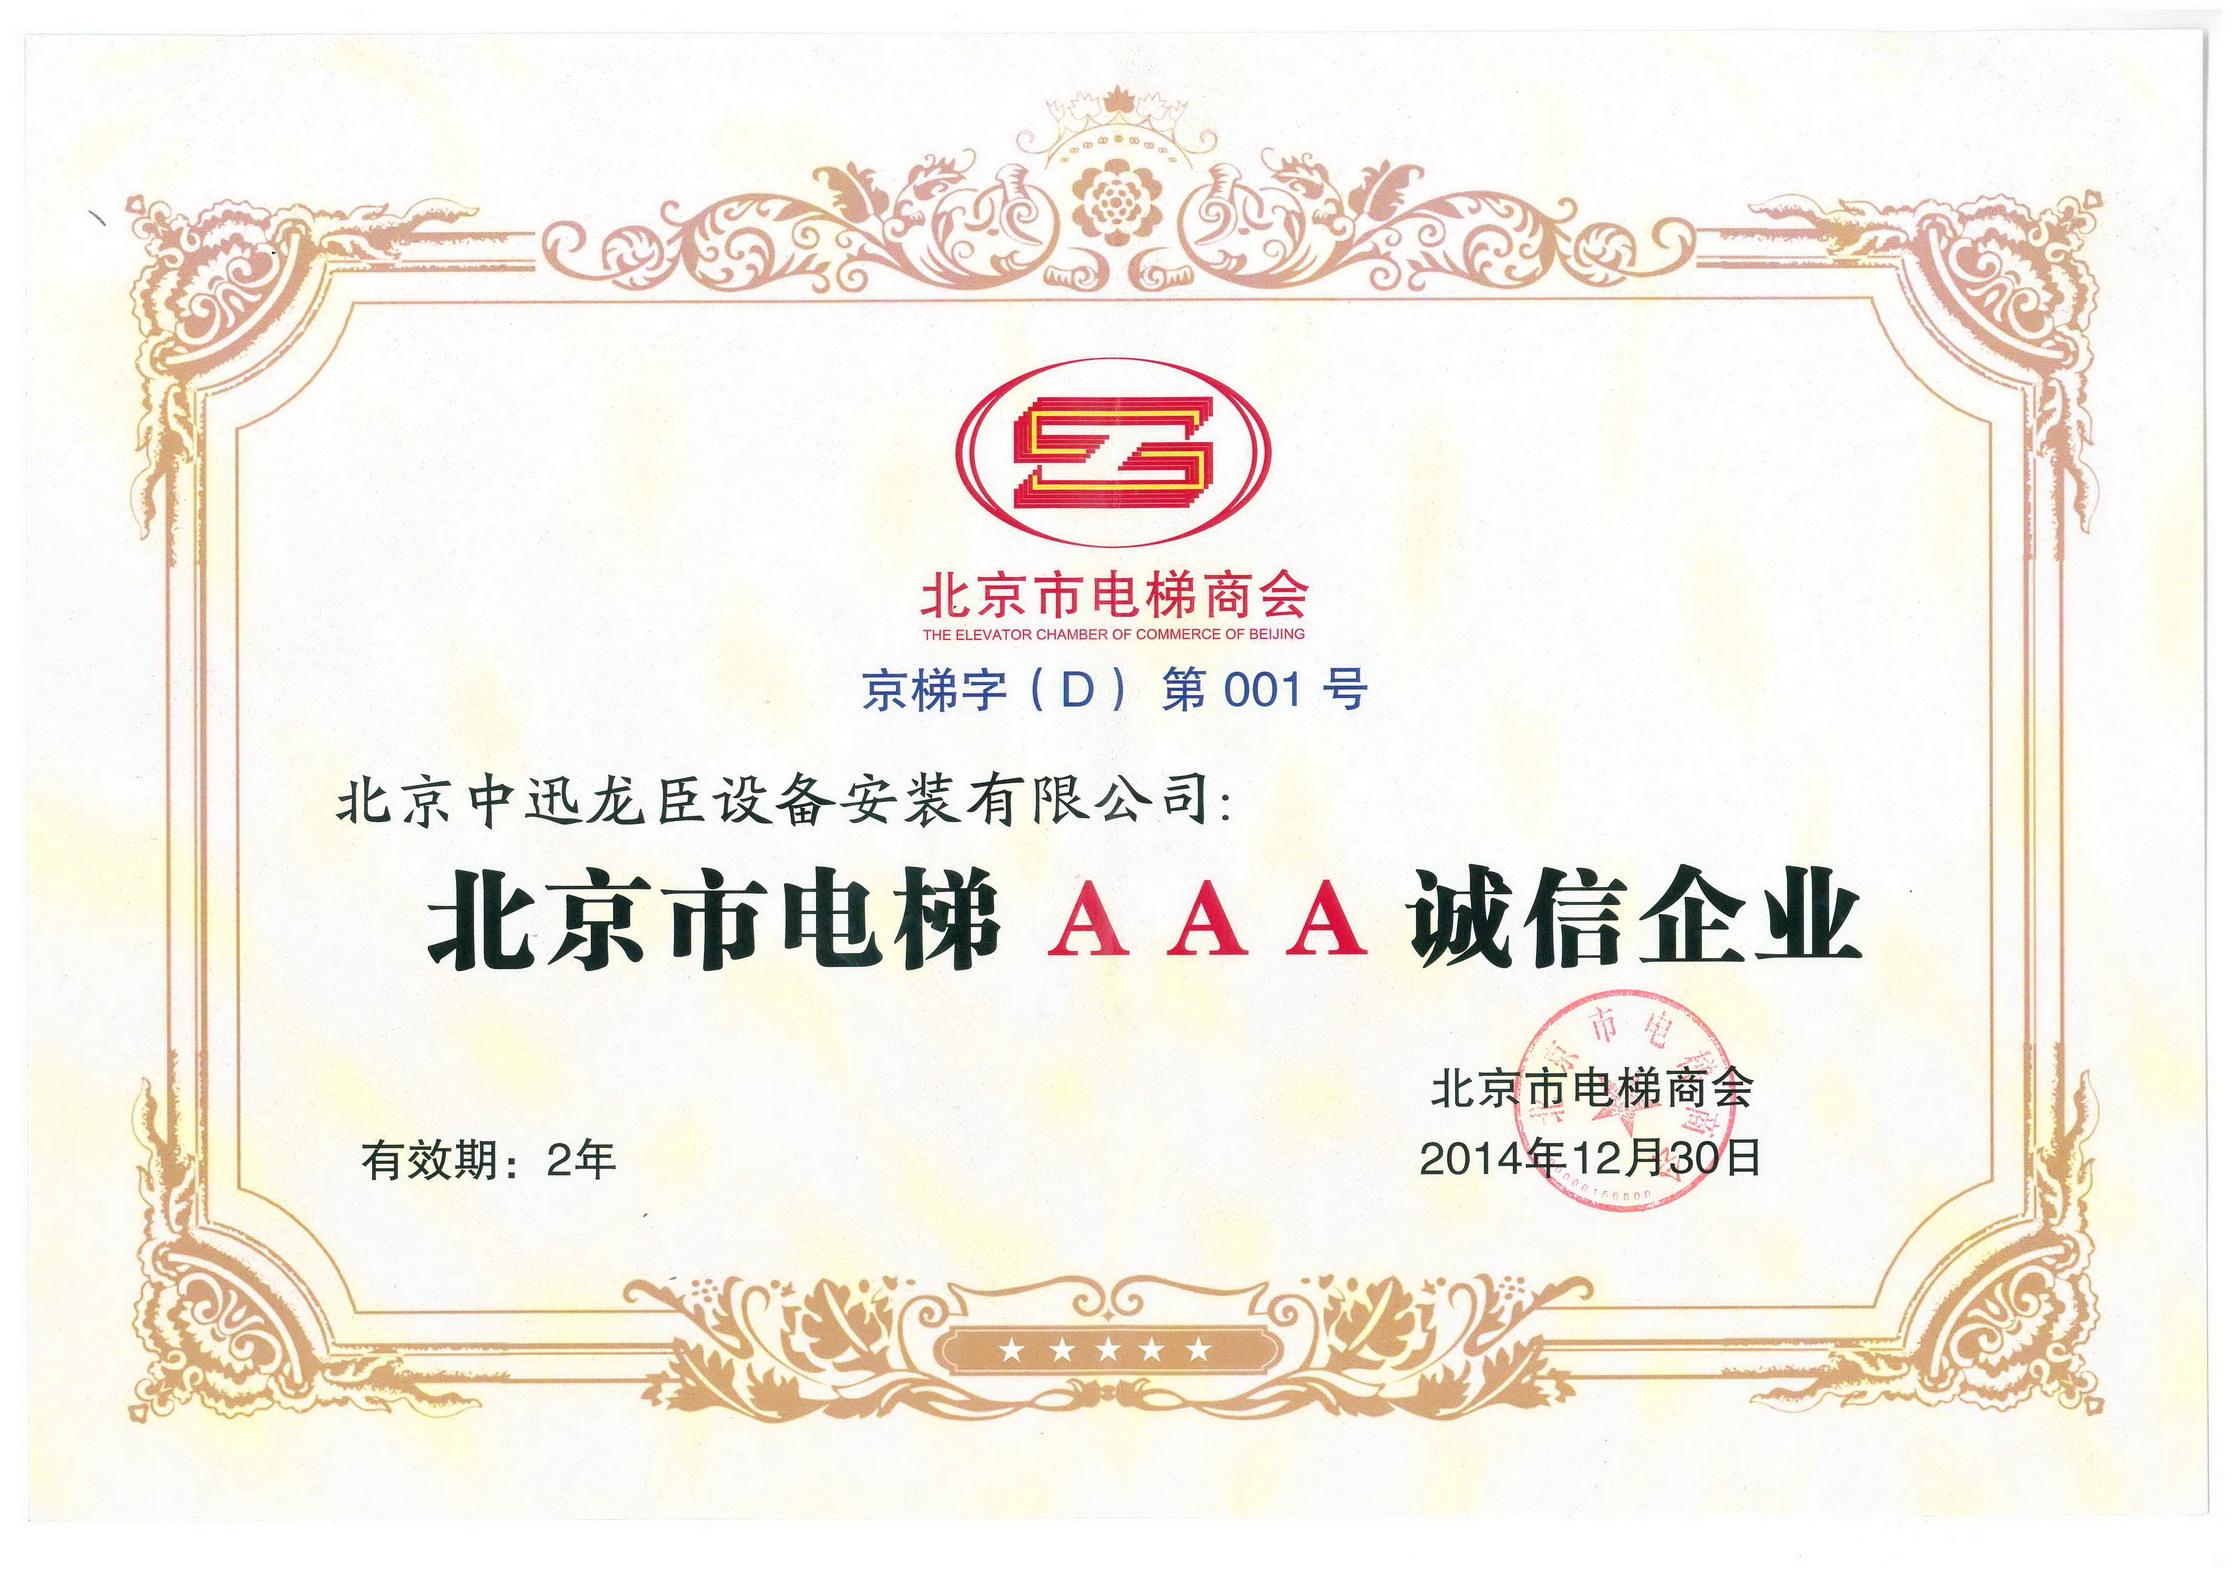 必威市必威体育AAA诚信企业2014